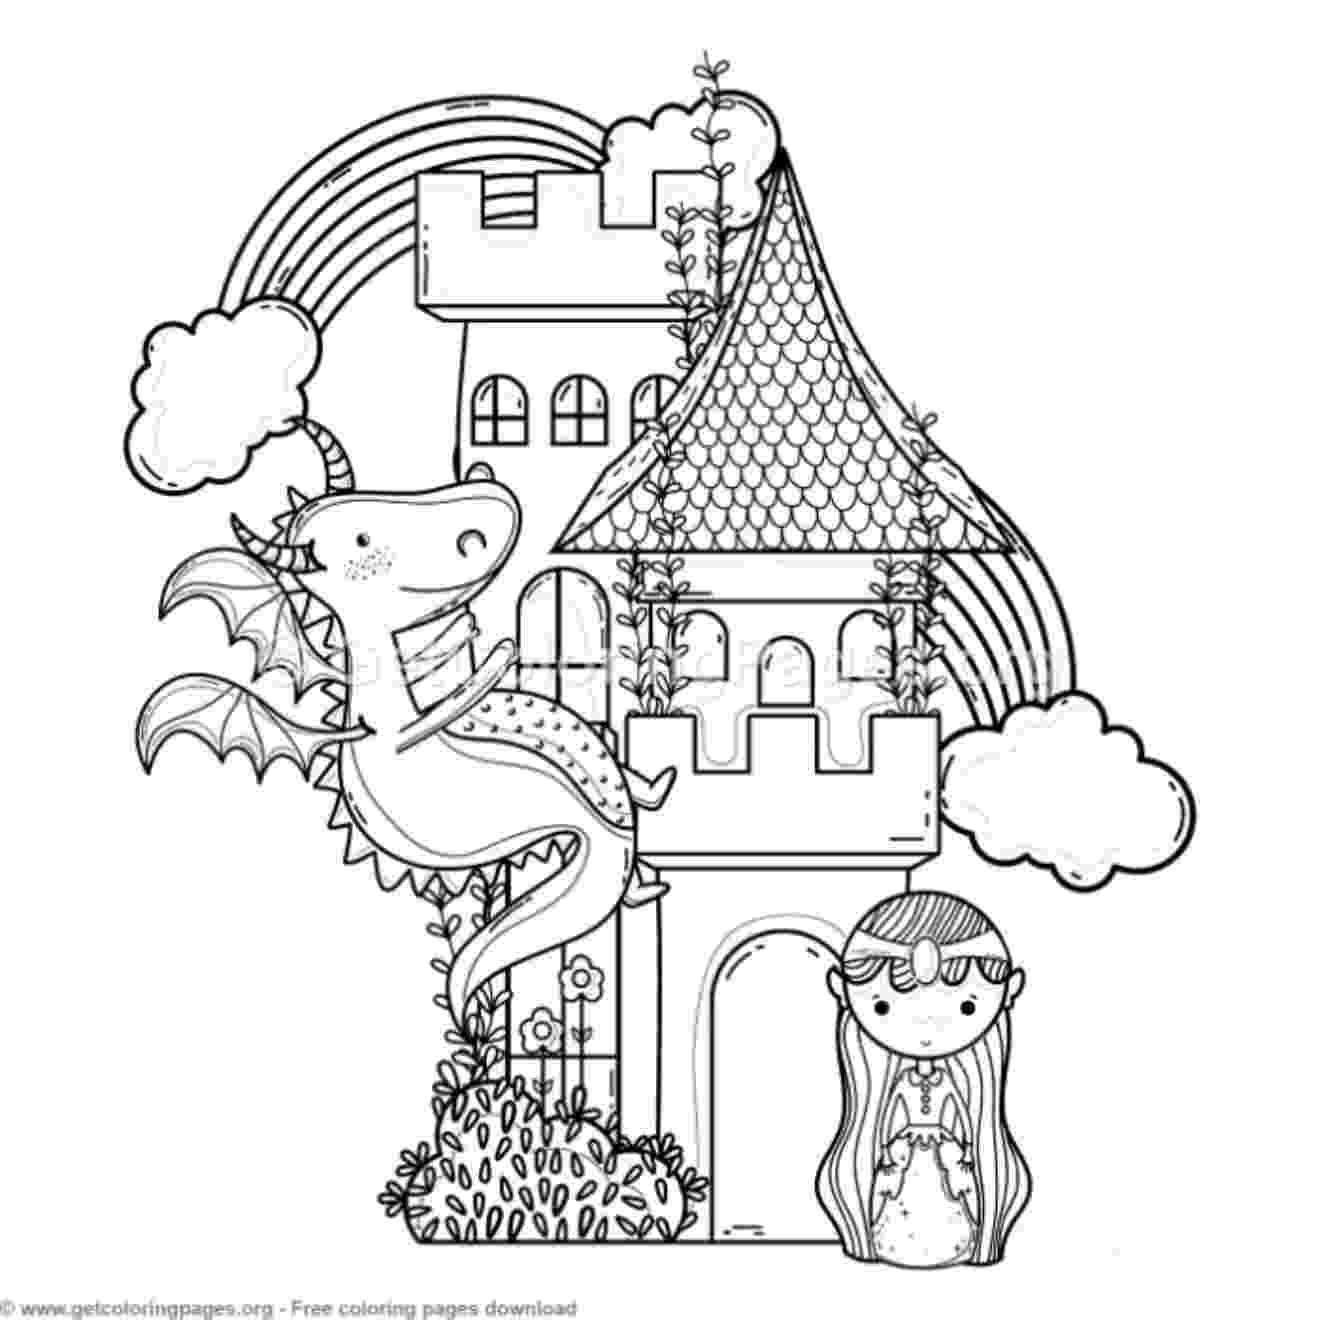 princess castle colouring pages simple castle coloring pages castle coloring sheet pages princess castle colouring